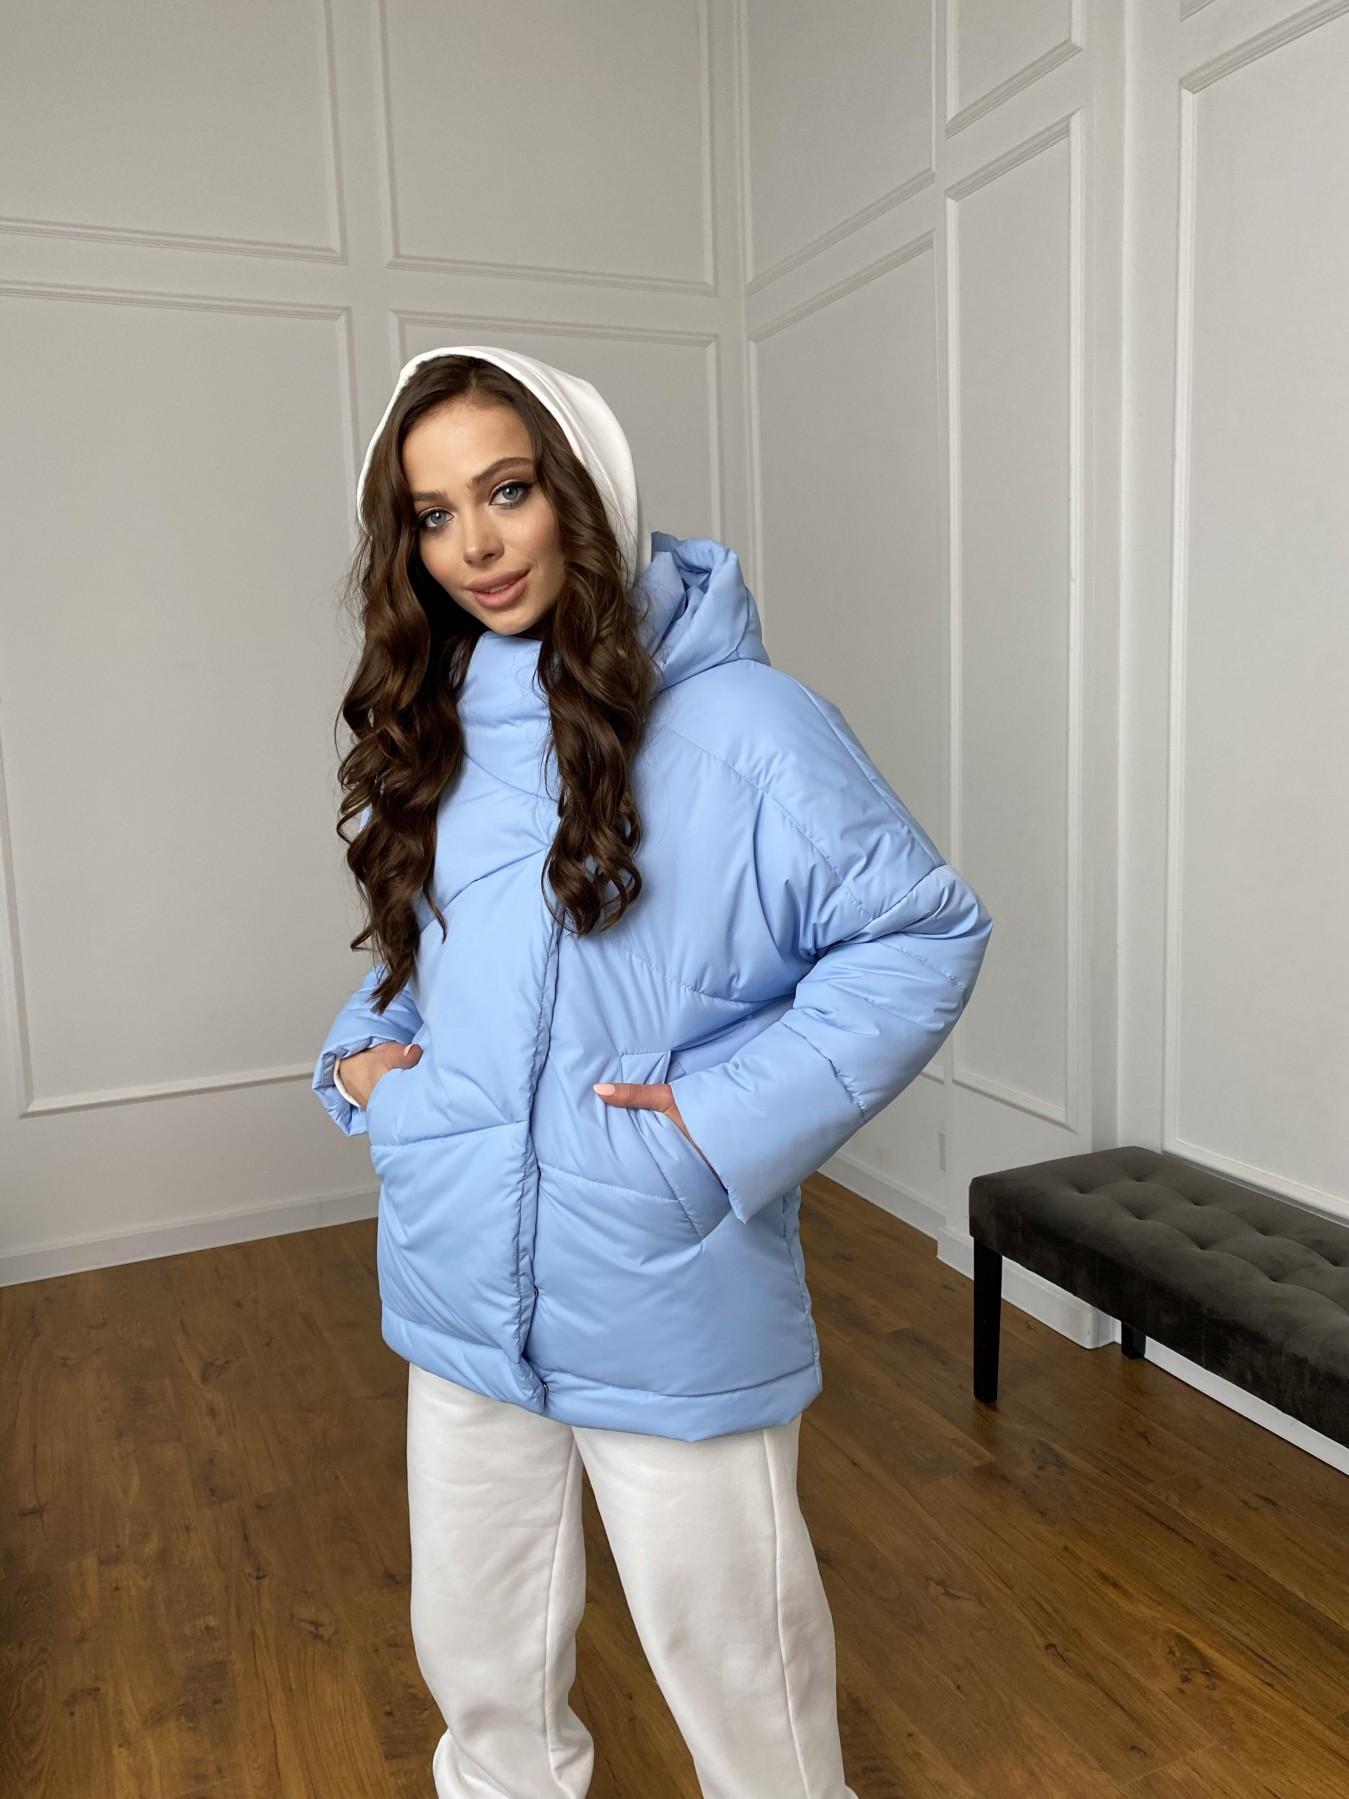 Уно куртка плащевка Ammy 10671 АРТ. 47398 Цвет: Голубой - фото 3, интернет магазин tm-modus.ru